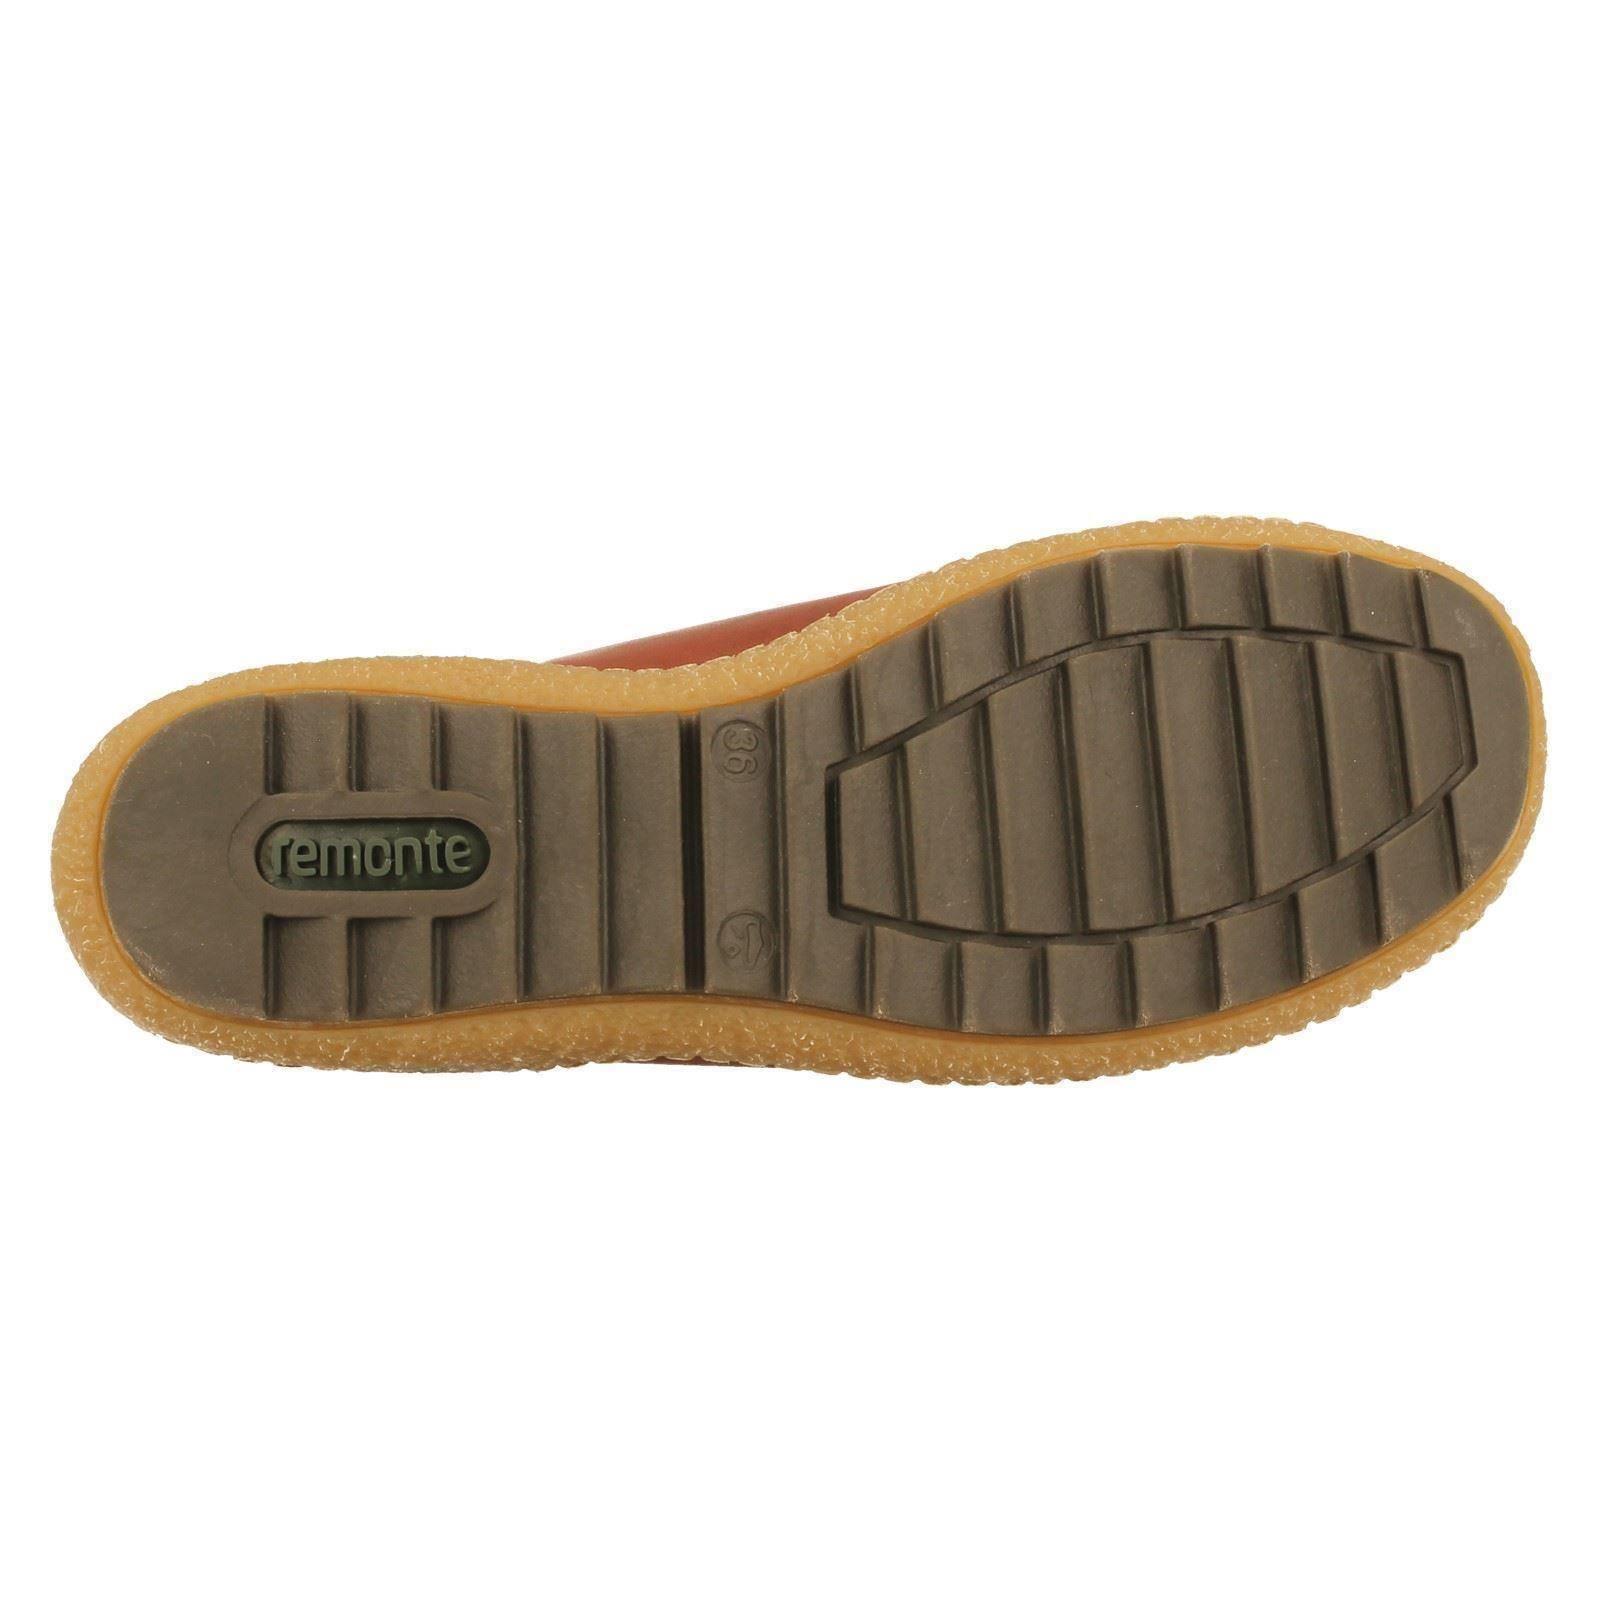 Homme Homme Homme Femme Femmes REMONTE Bottes étiquette R4774-W Prix fou, Birmingham Forte valeur Chaussures de marée vintage 458d8c